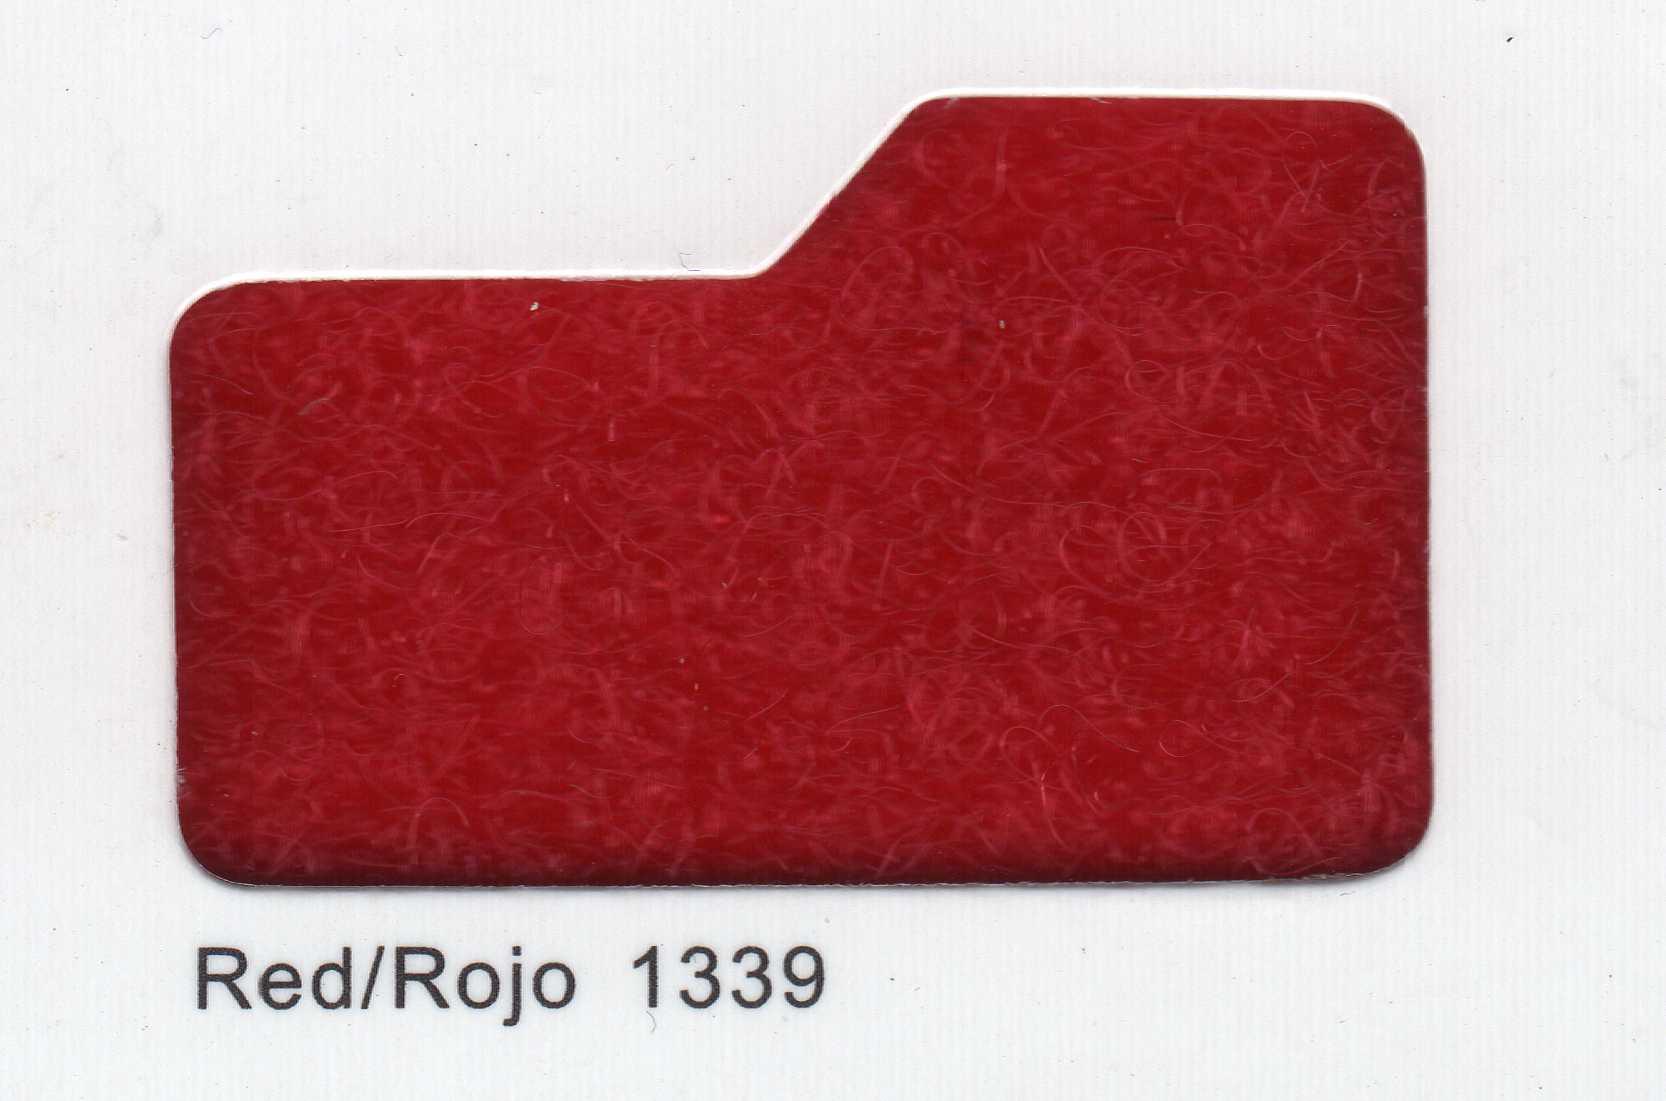 Cinta de cierre Velcro-Veraco 100mm Rojo 1339 (Rizo).